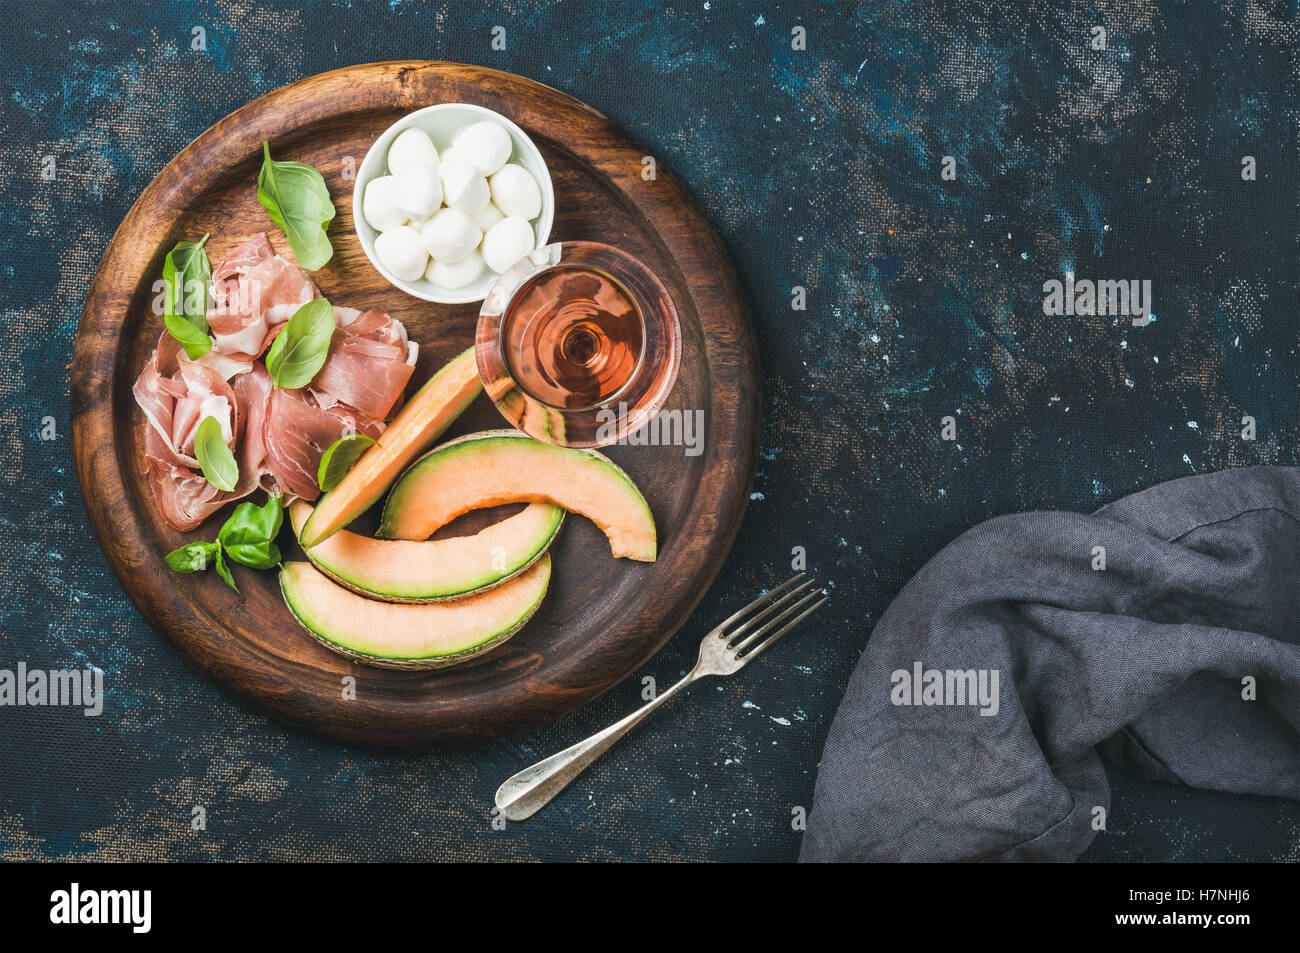 Prosciutto, melón, mozzarella y copa de vino rosado Imagen De Stock